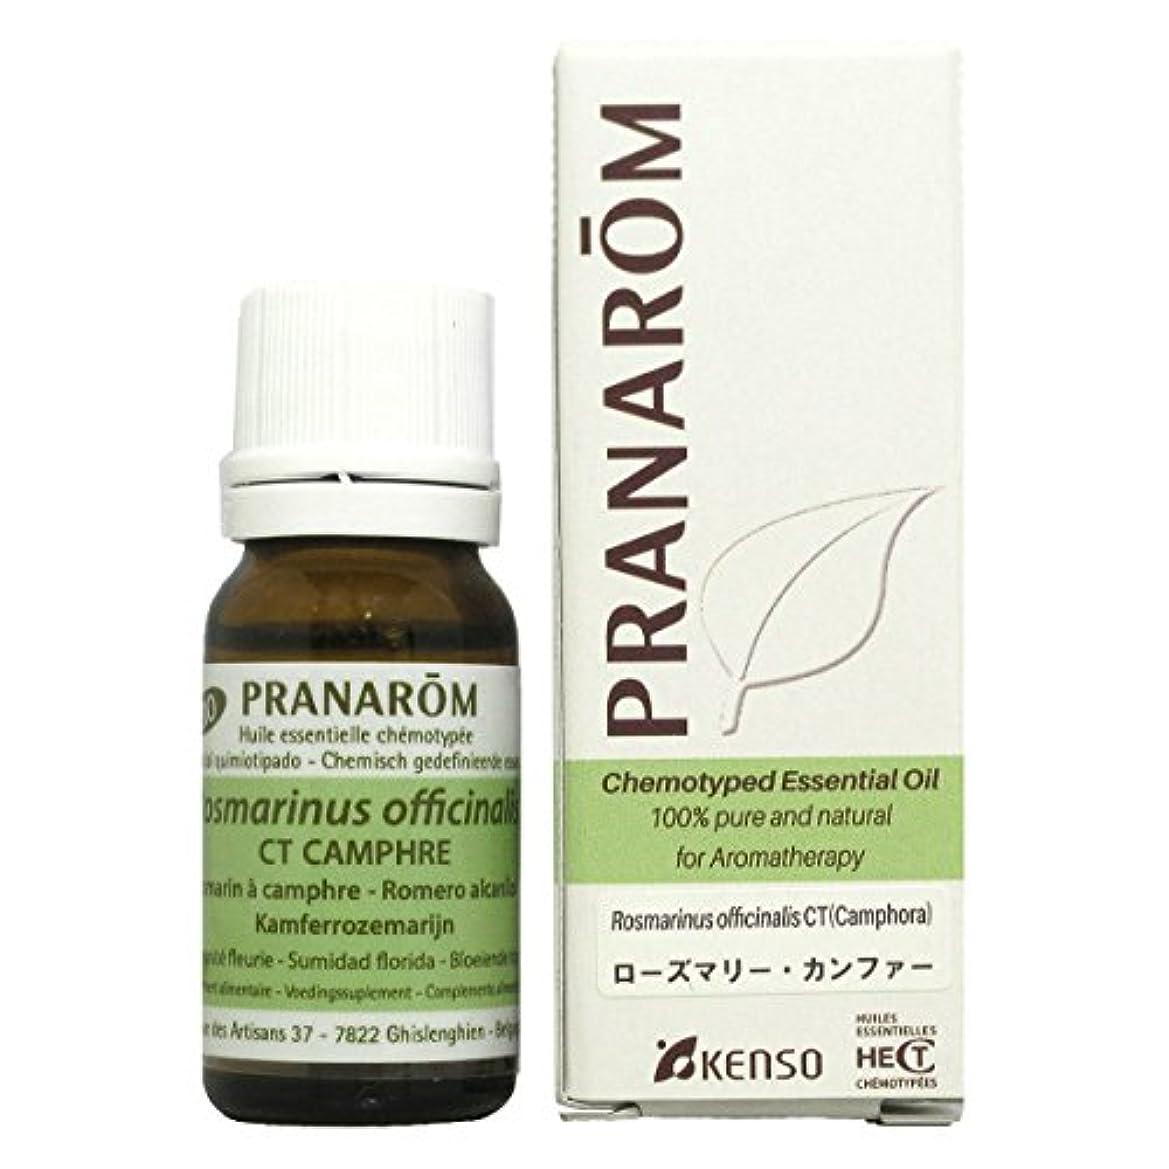 息を切らしてアラーム真似るプラナロム ローズマリーカンファー 10ml (PRANAROM ケモタイプ精油)